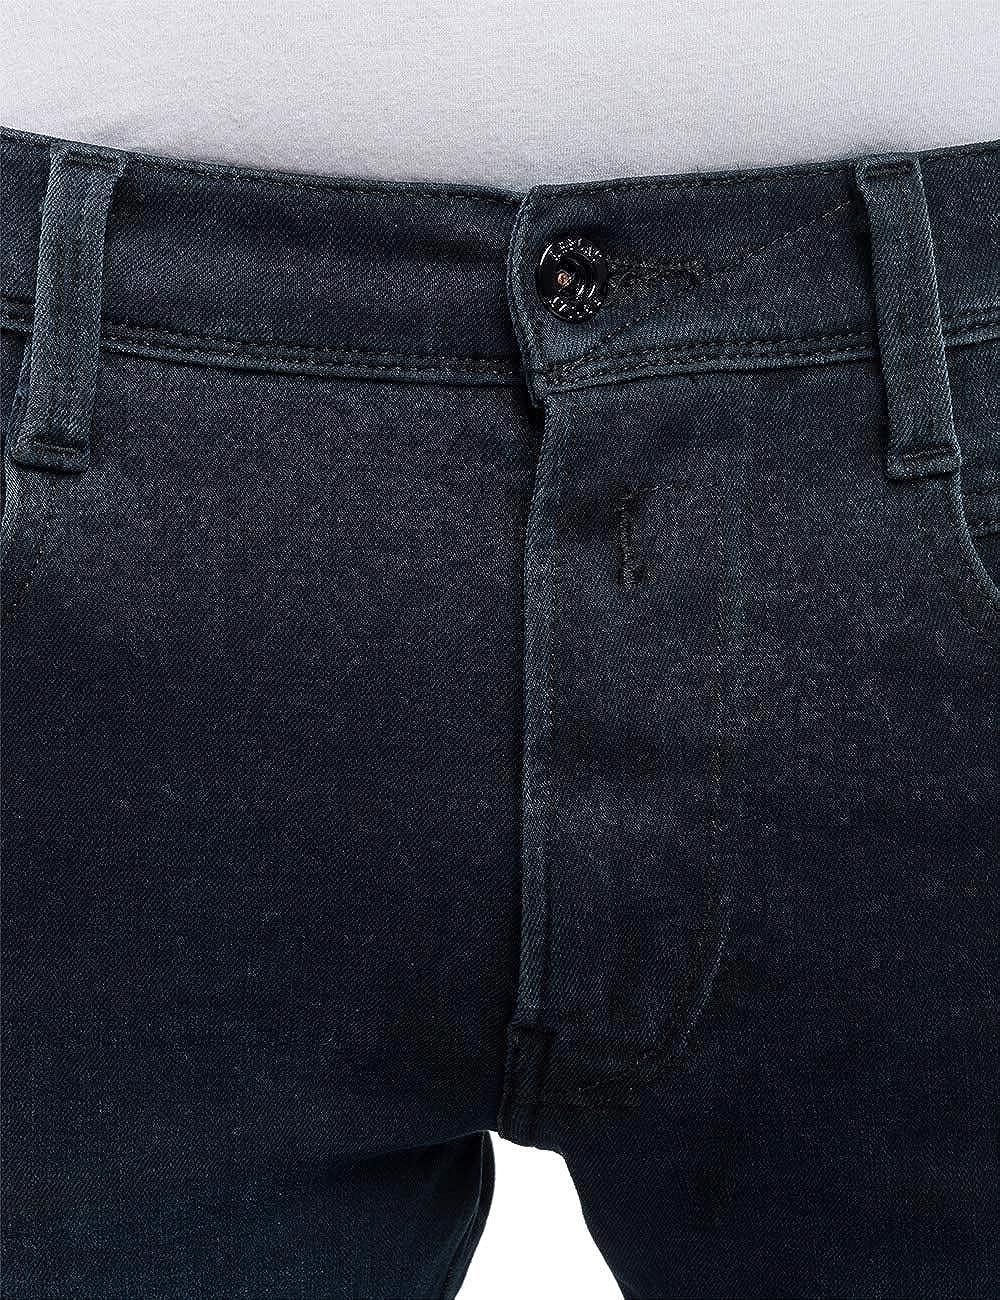 Replay Herren Slim Jeans Anbass B07KPHZJQW Jeanshosen eine eine eine breite Palette von Produkten 0d6753